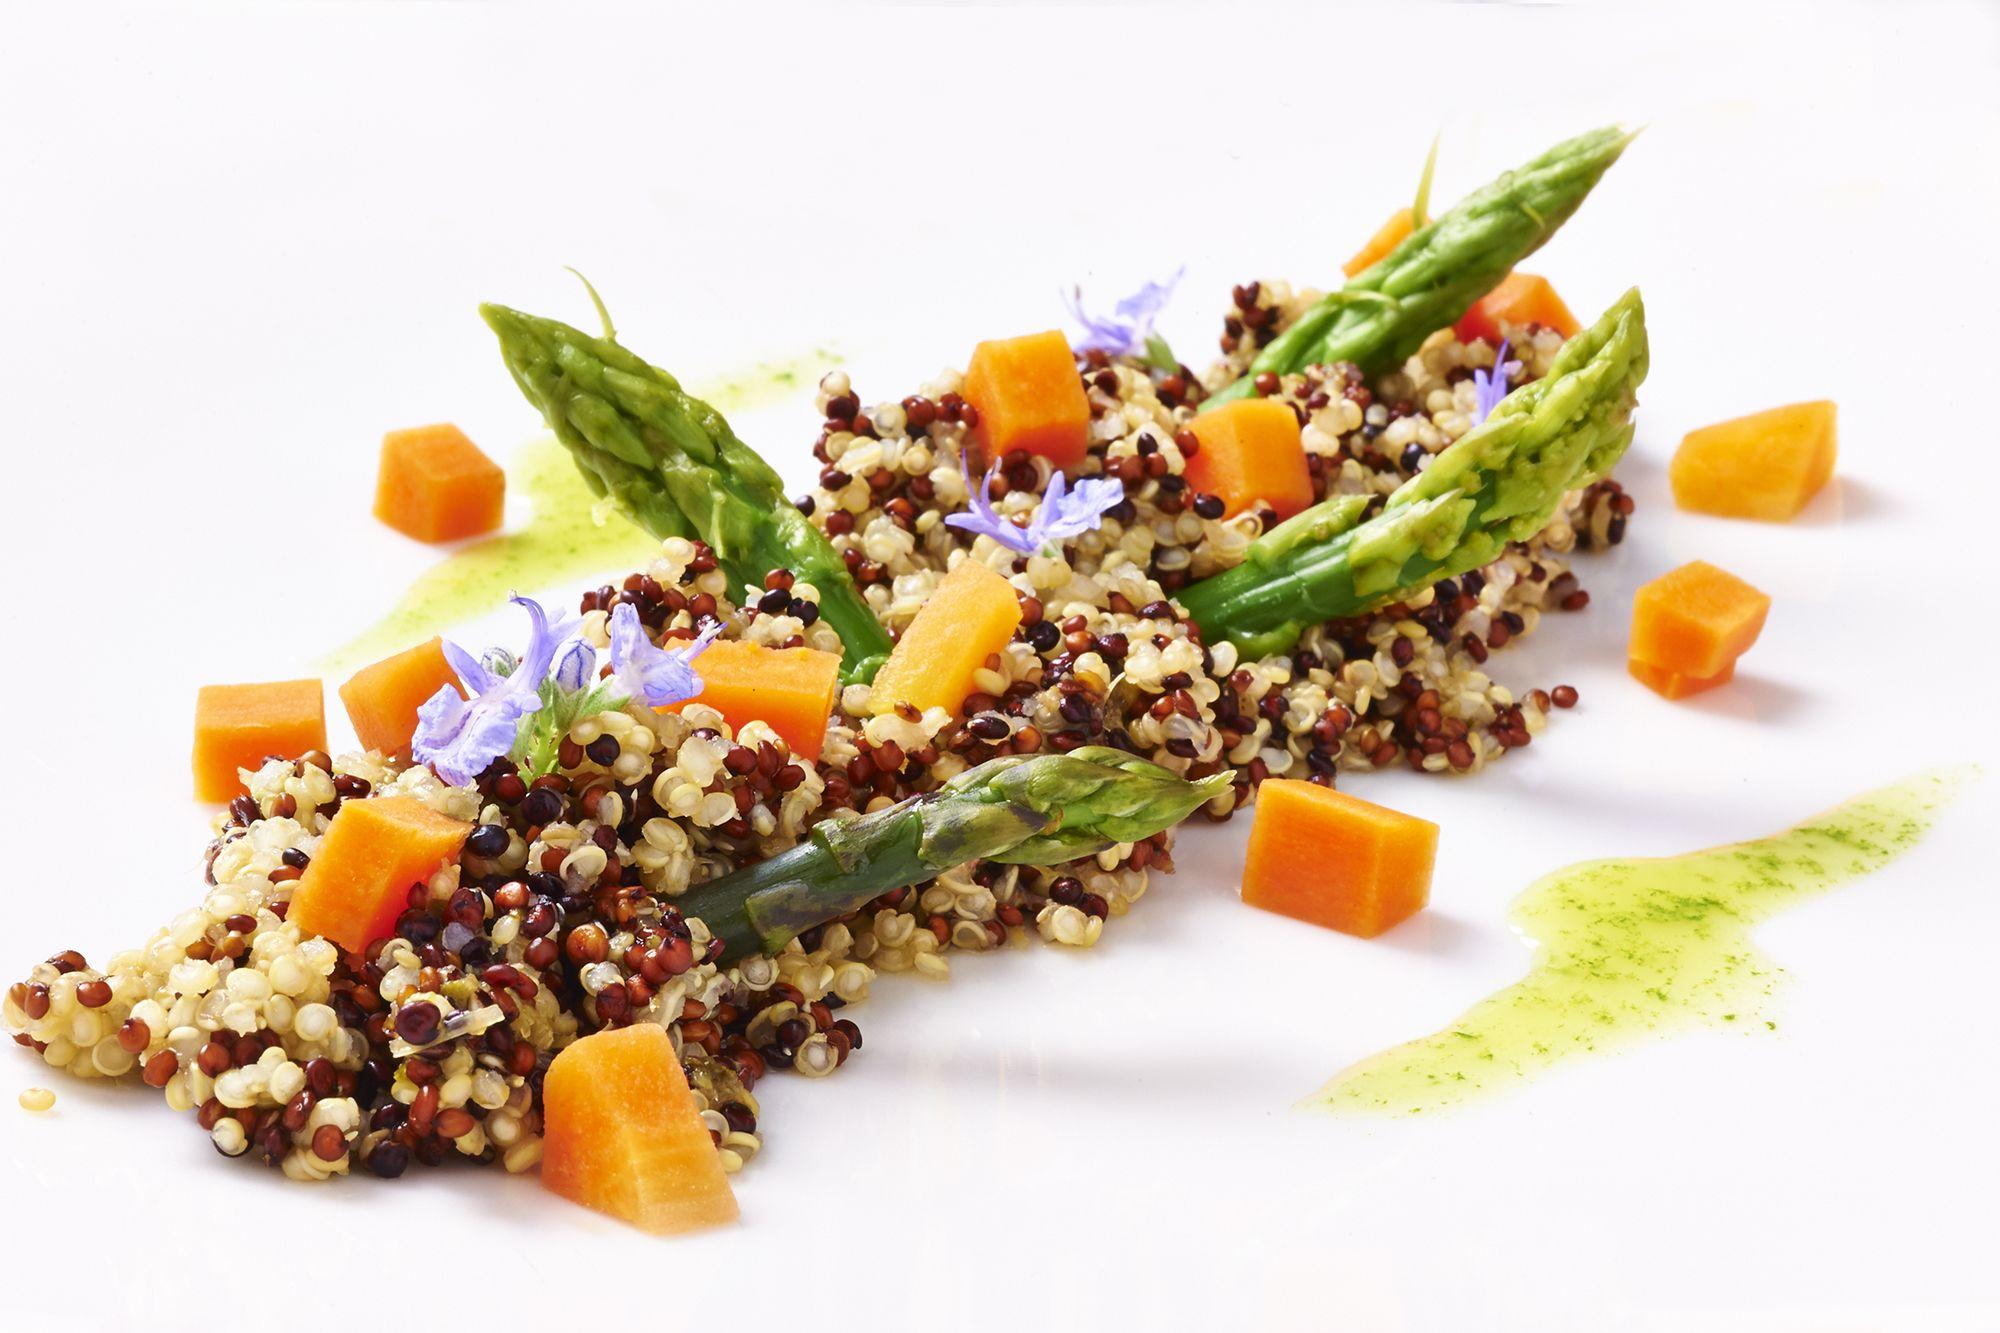 La ricetta primaverile della quinoa